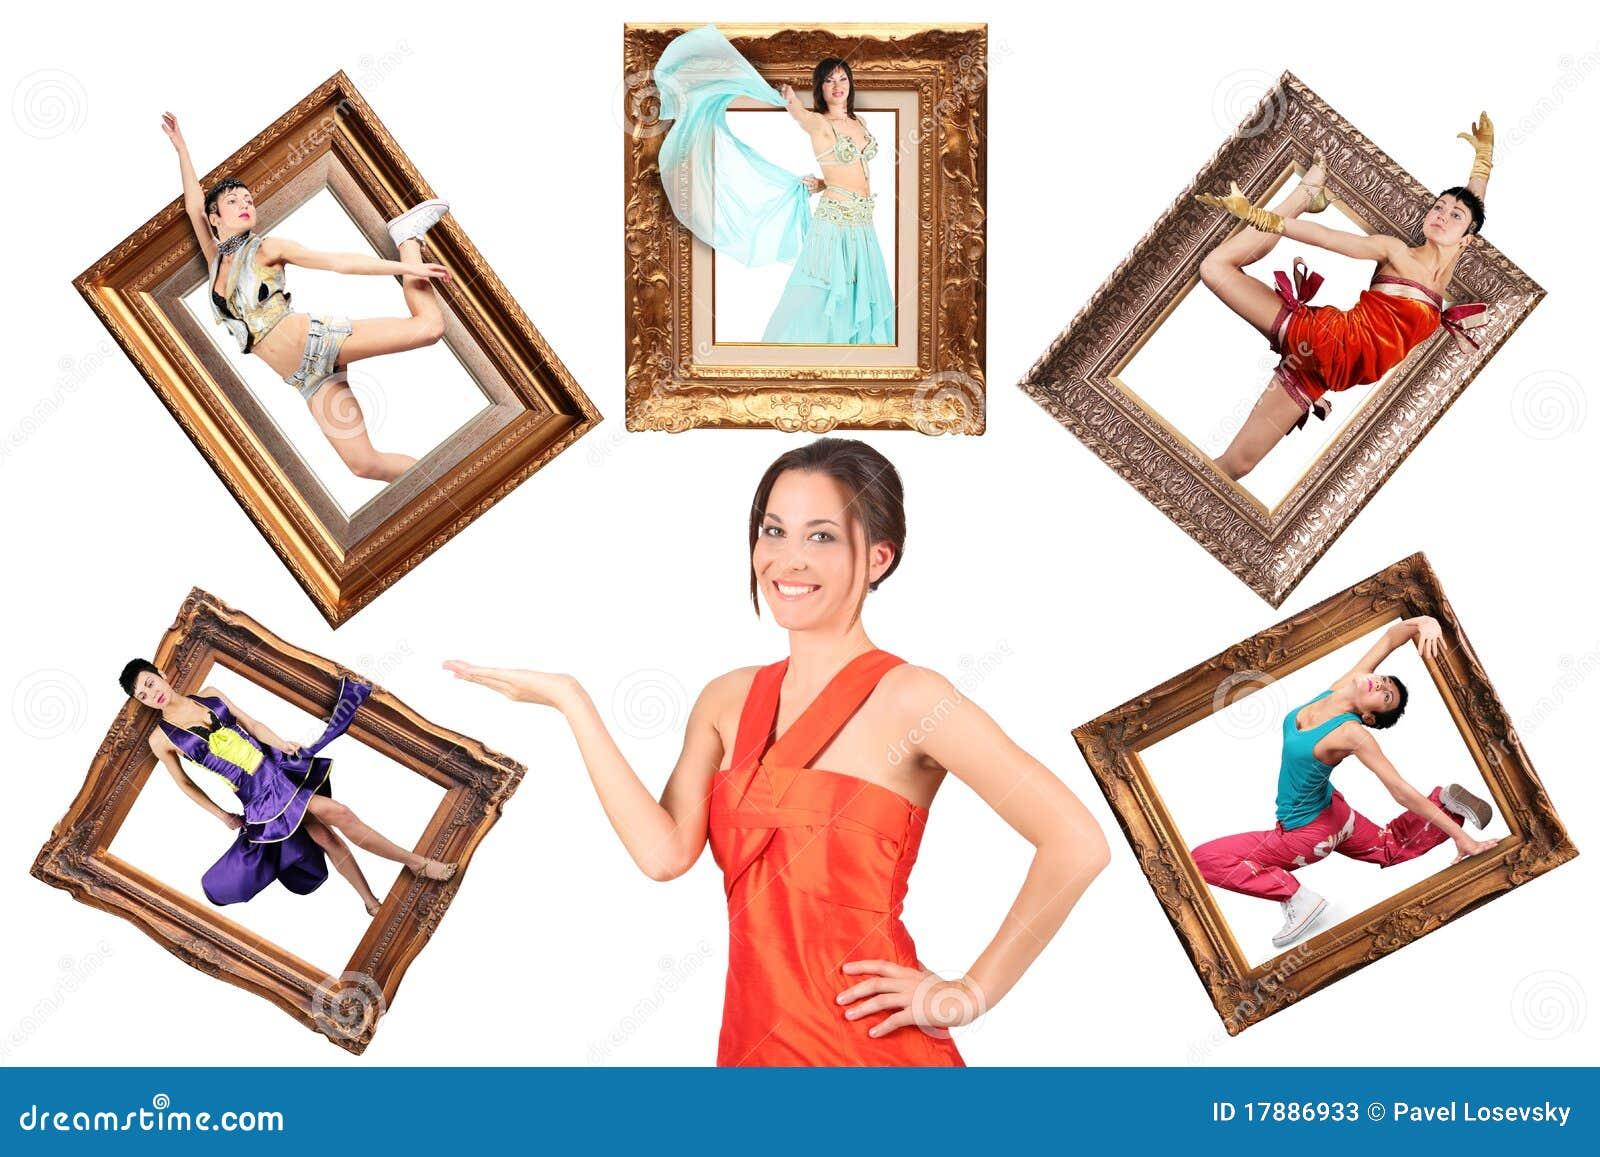 Mädchen showes multi Aufgabe viele Frauen im Bilderrahmen